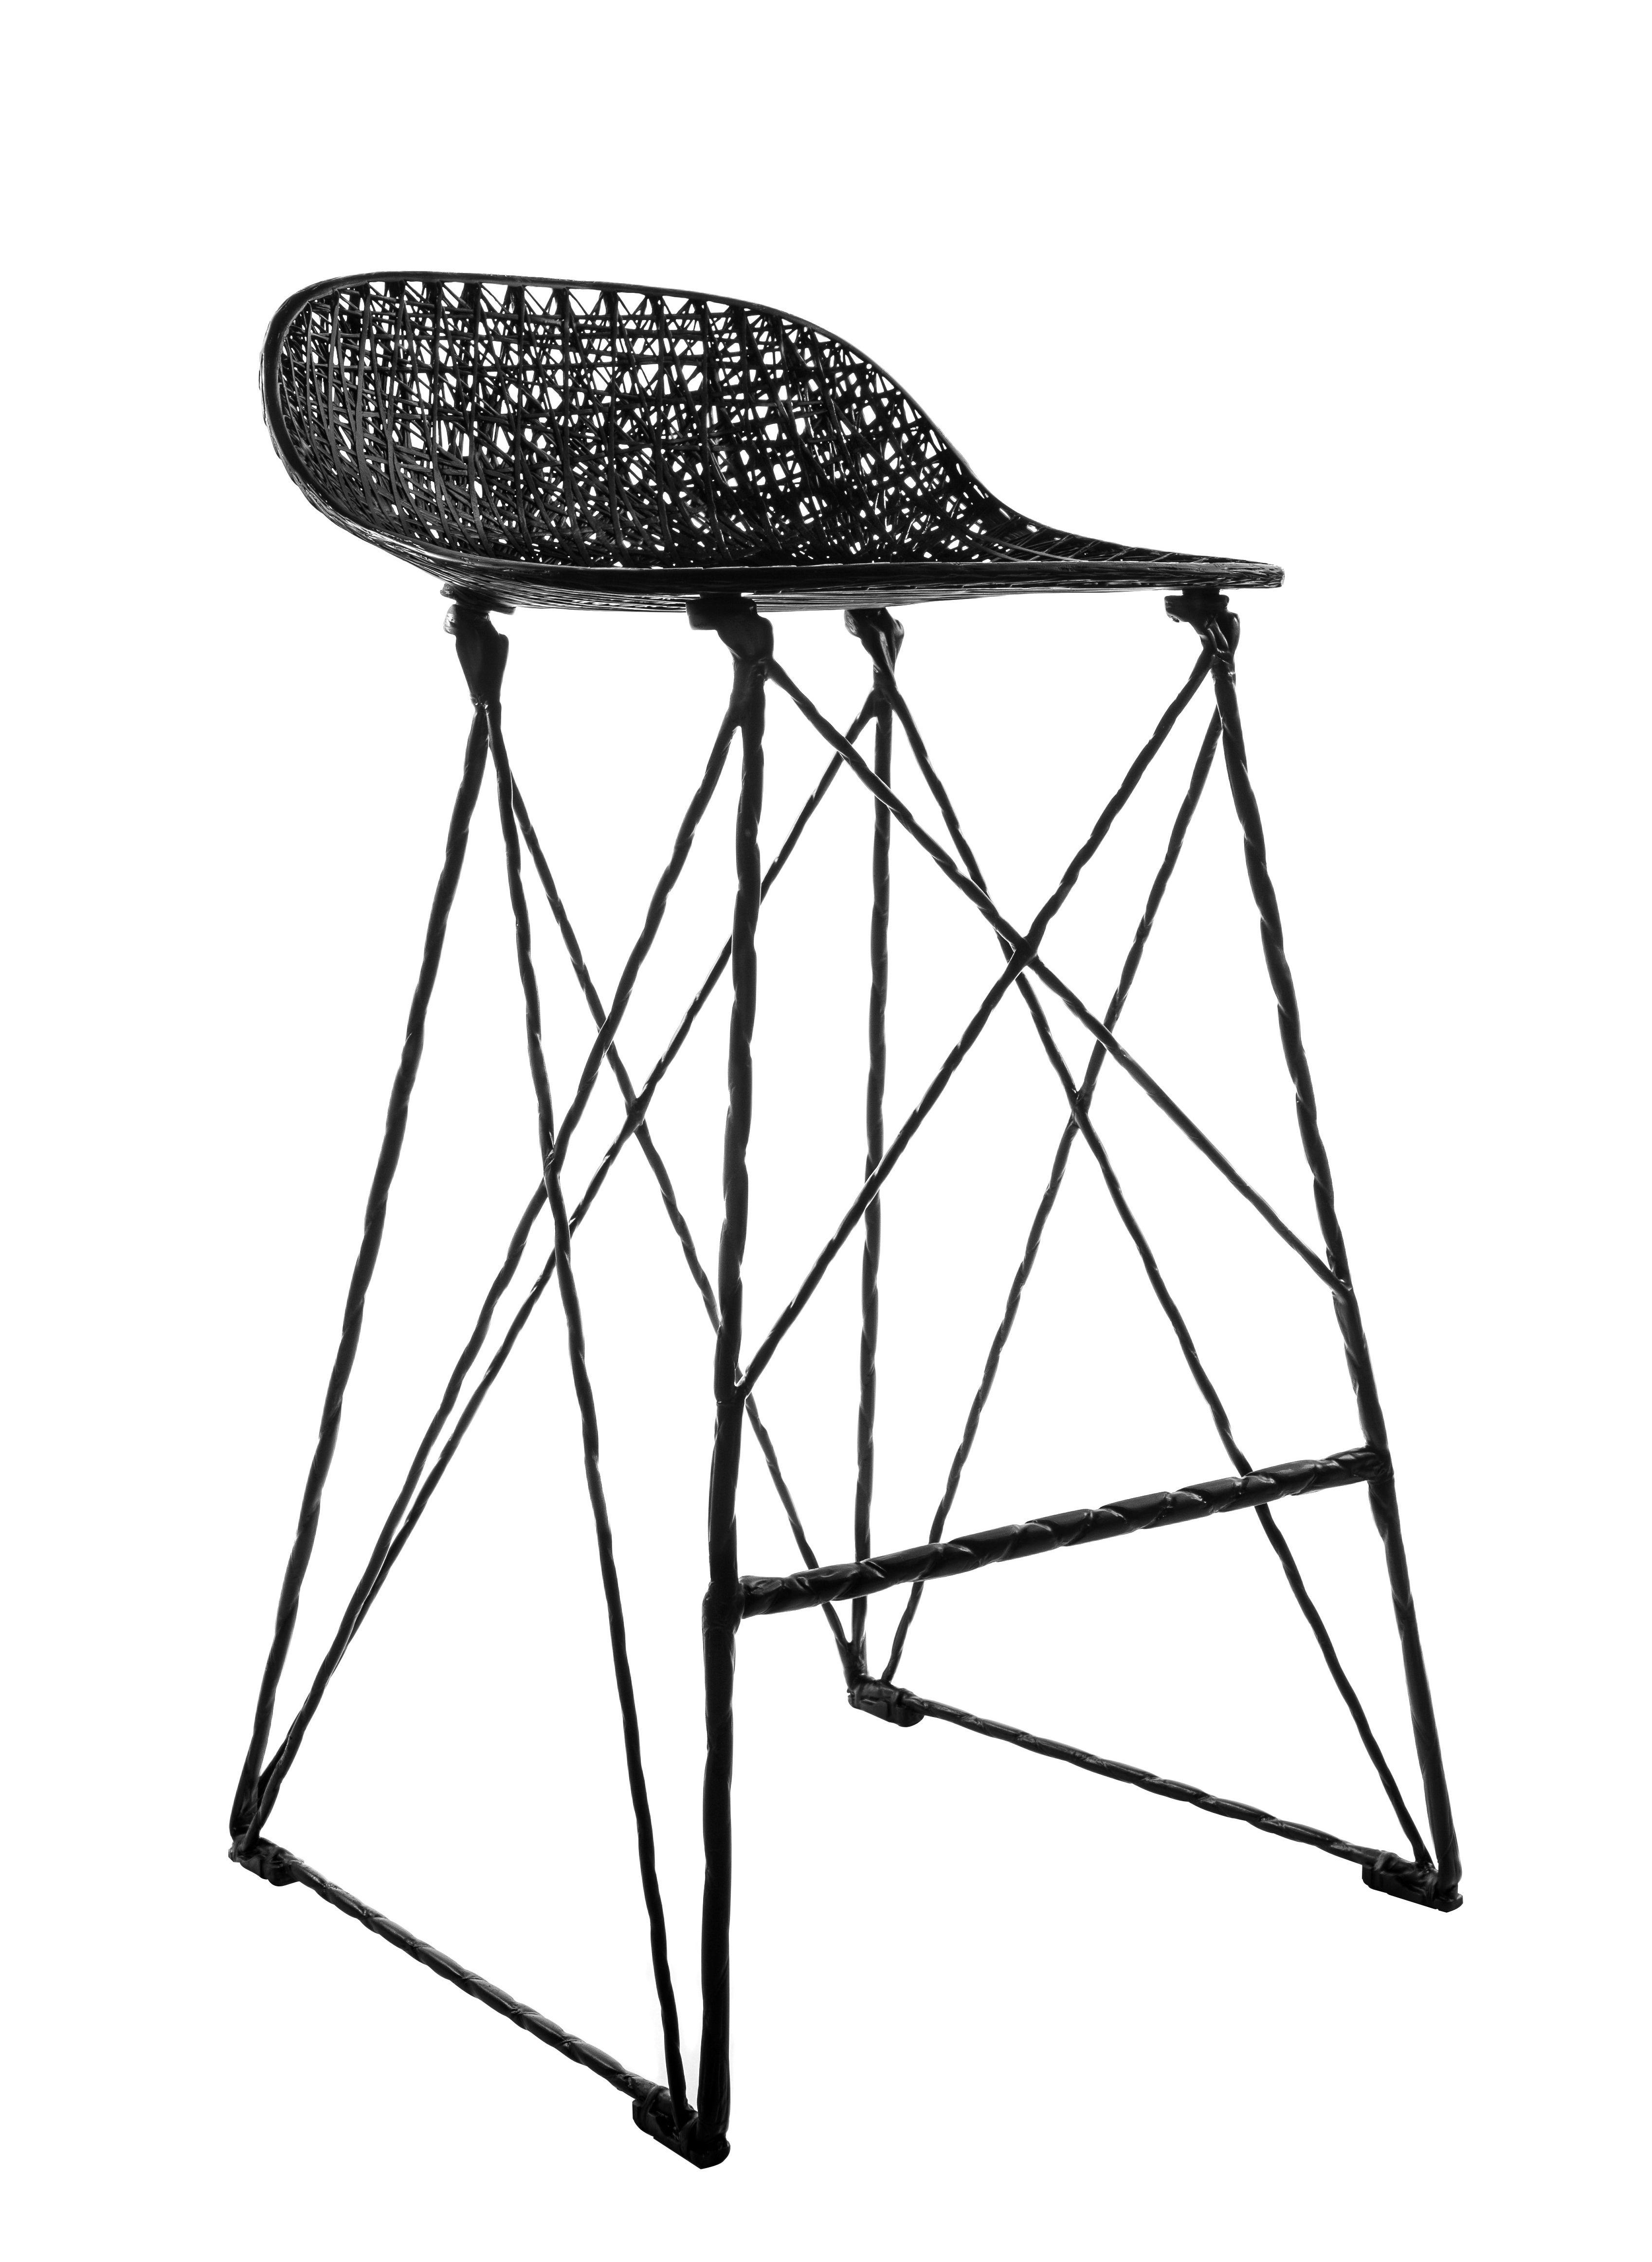 Mobilier - Tabourets de bar - Tabouret haut Carbon Outdoor / H 66 cm - Fibre de carbone - Moooi - Noir - Fibre de carbone